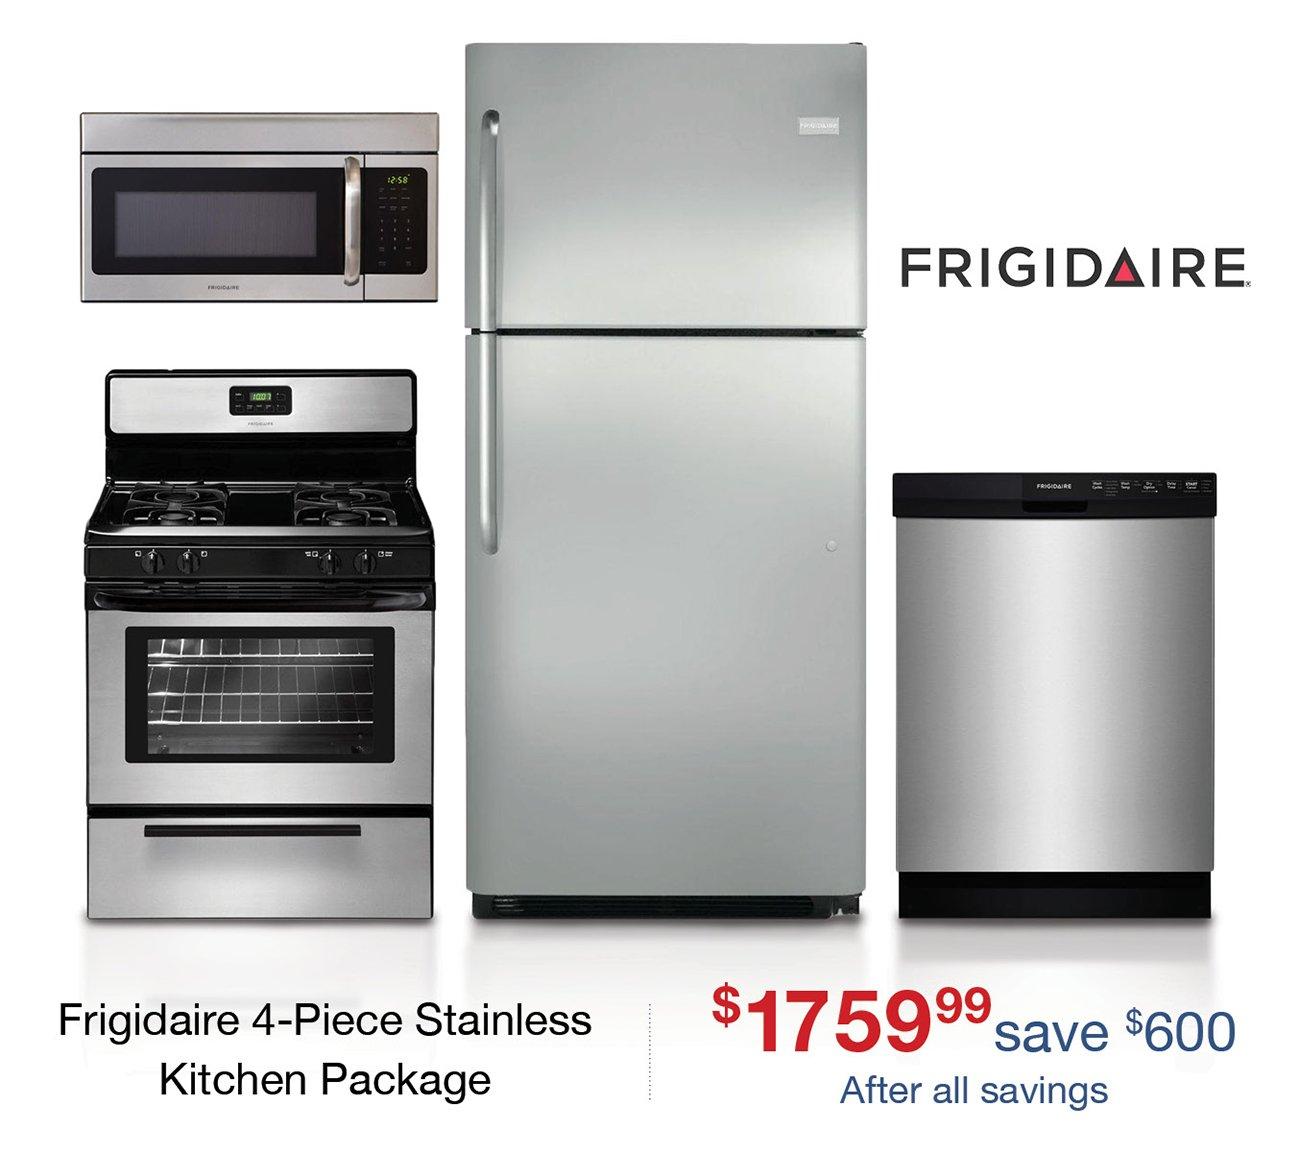 Figidaire-kitchen-package